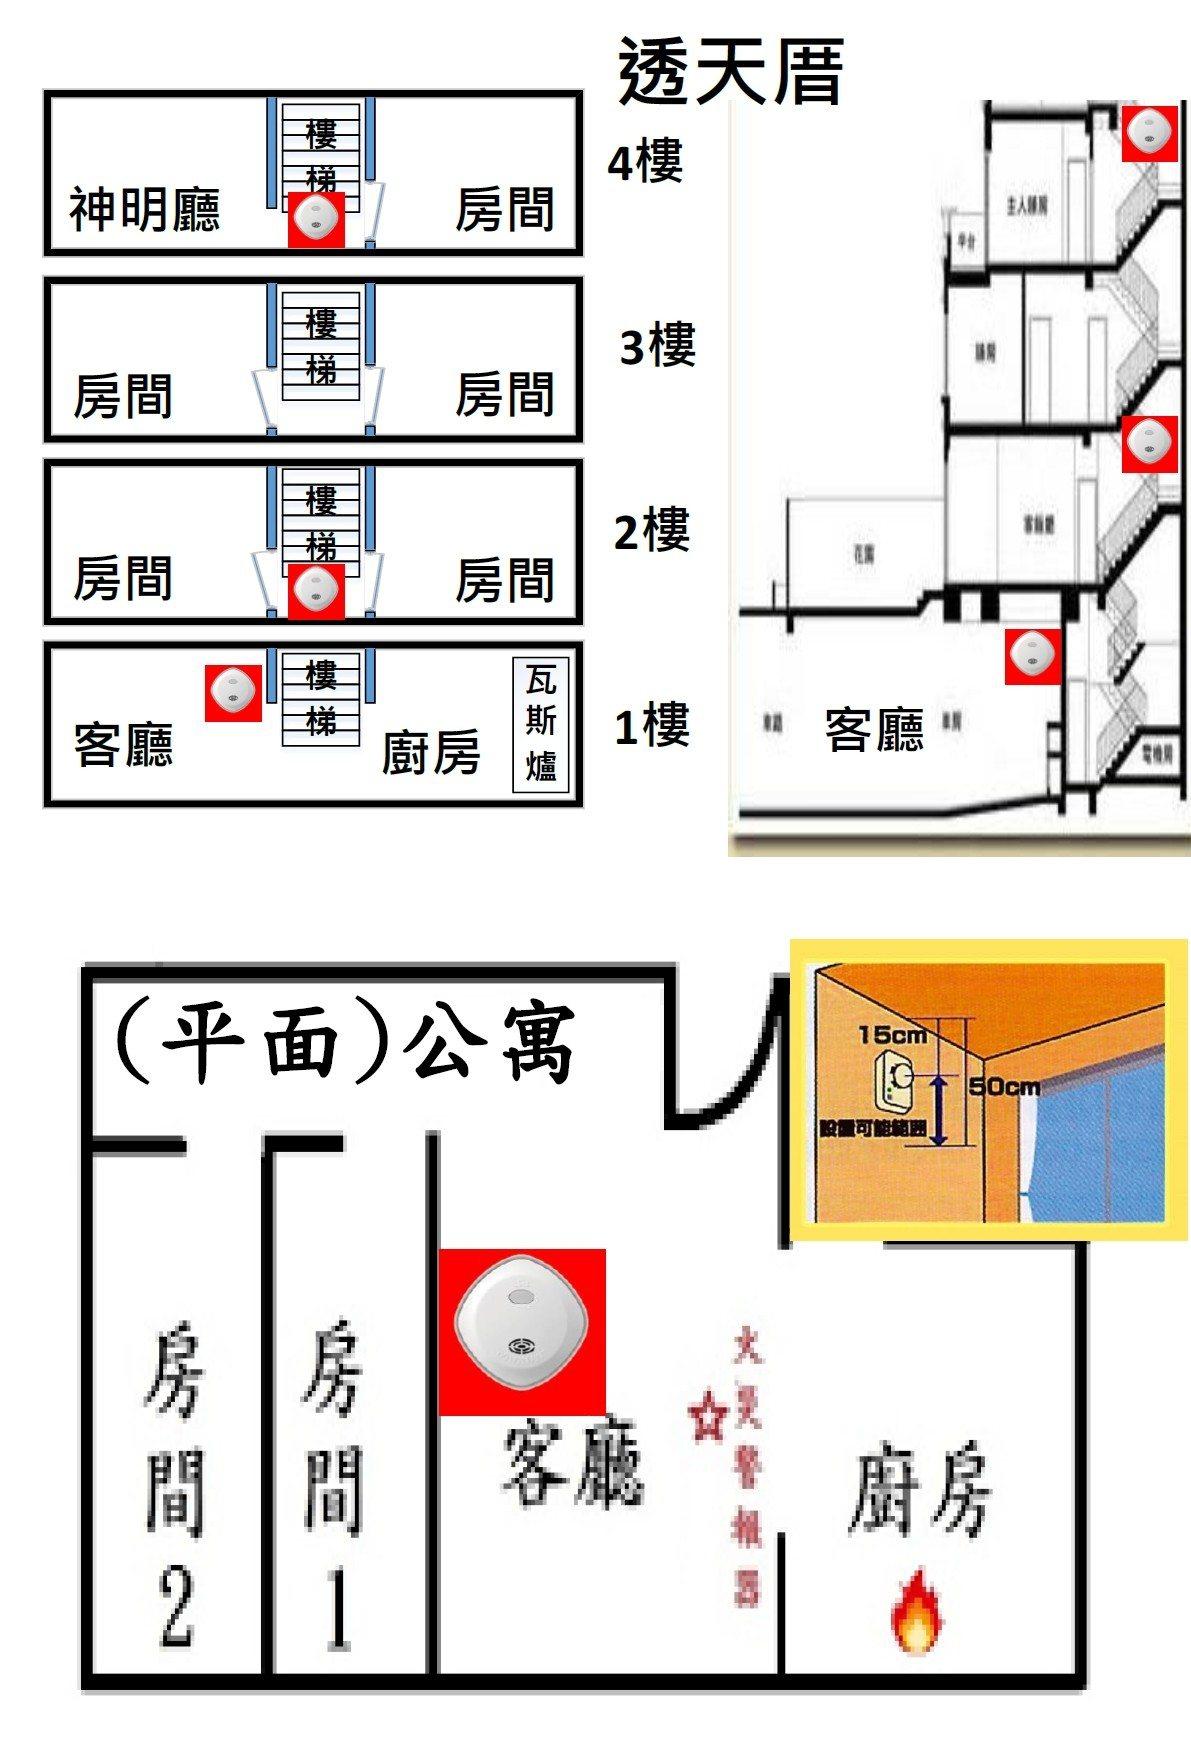 高市消防局瑞隆分隊提醒民眾家中建議優先安裝住宅用火災警報器的位置圖。圖/瑞隆分隊...